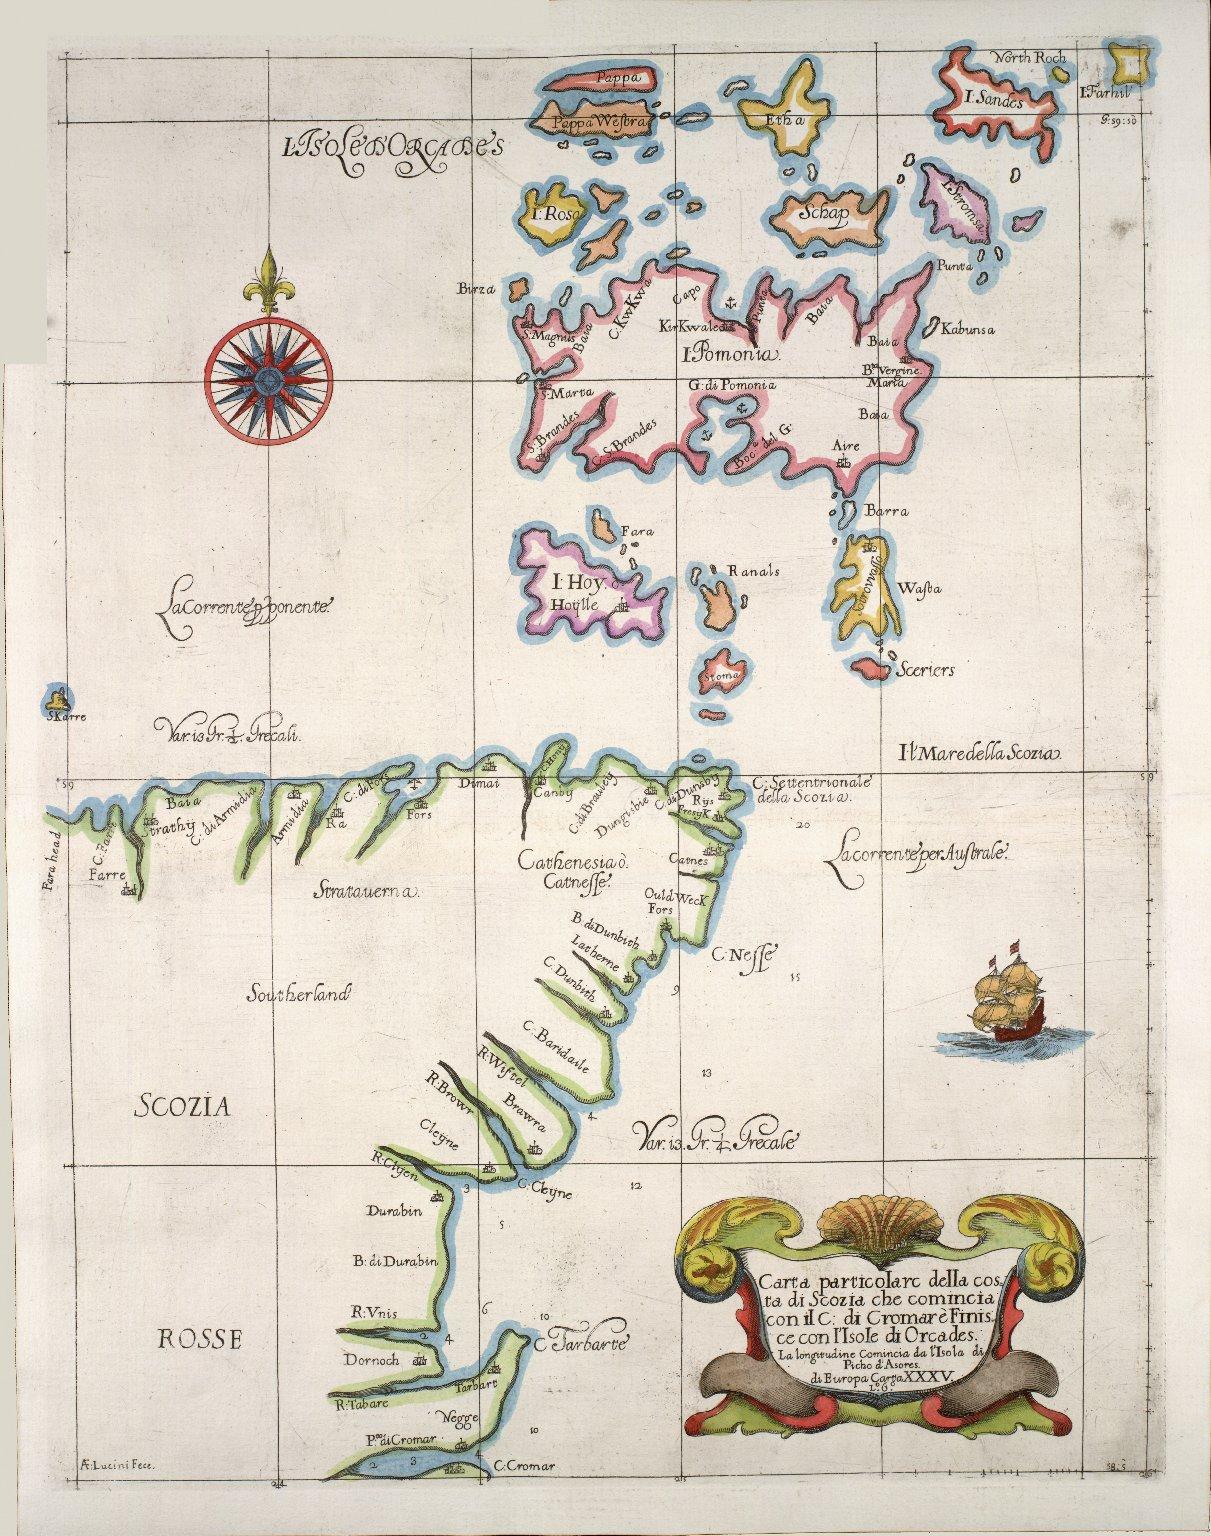 Carte particolare della costa di Scozia : che comincia con il C: di Cromare è Finis ce con I'Isole di Orcades. La longitudine Comincia da l'Isola di Picho d'Asores di Europa Carta XXXV [1 of 1]